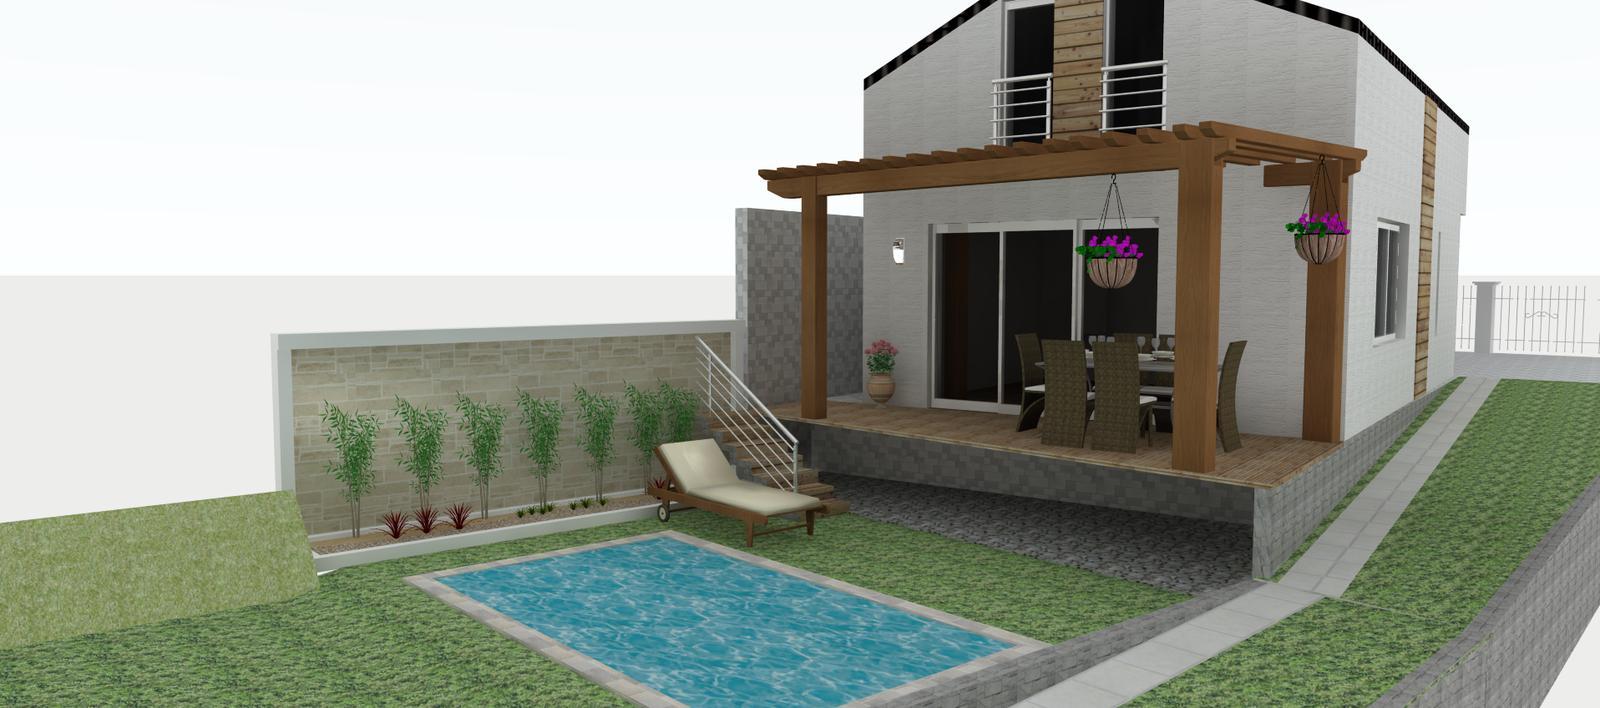 Vizky pre náš ešte nepostavený dom :-) - Obrázok č. 31